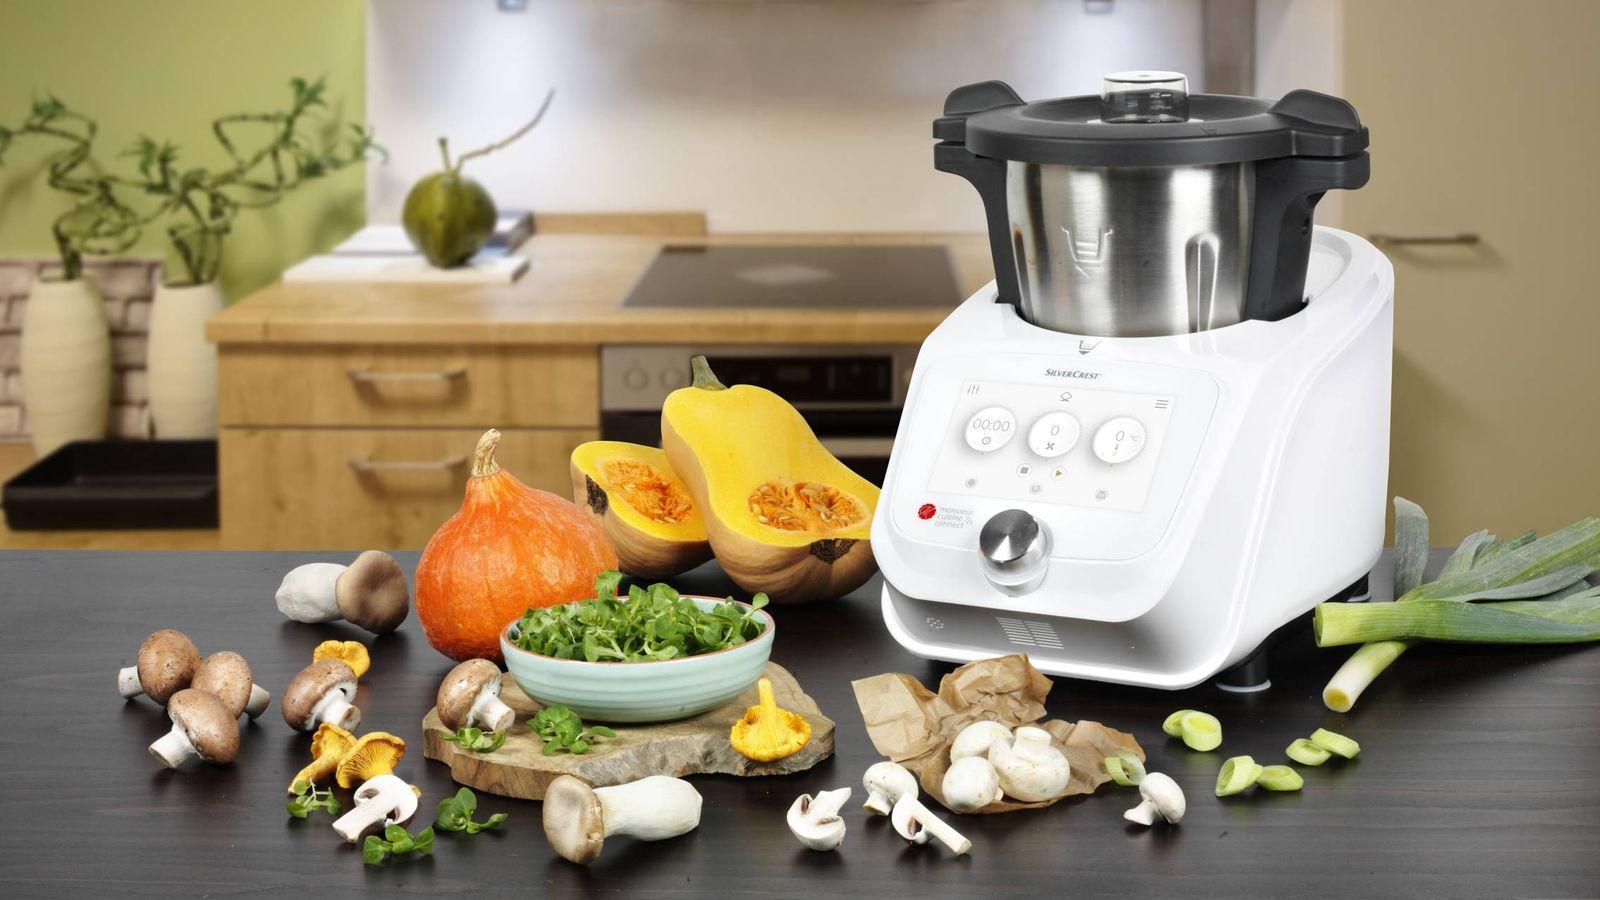 Alimentacion Monsieur Cuisine Connect El Robot De Lidl Ahora